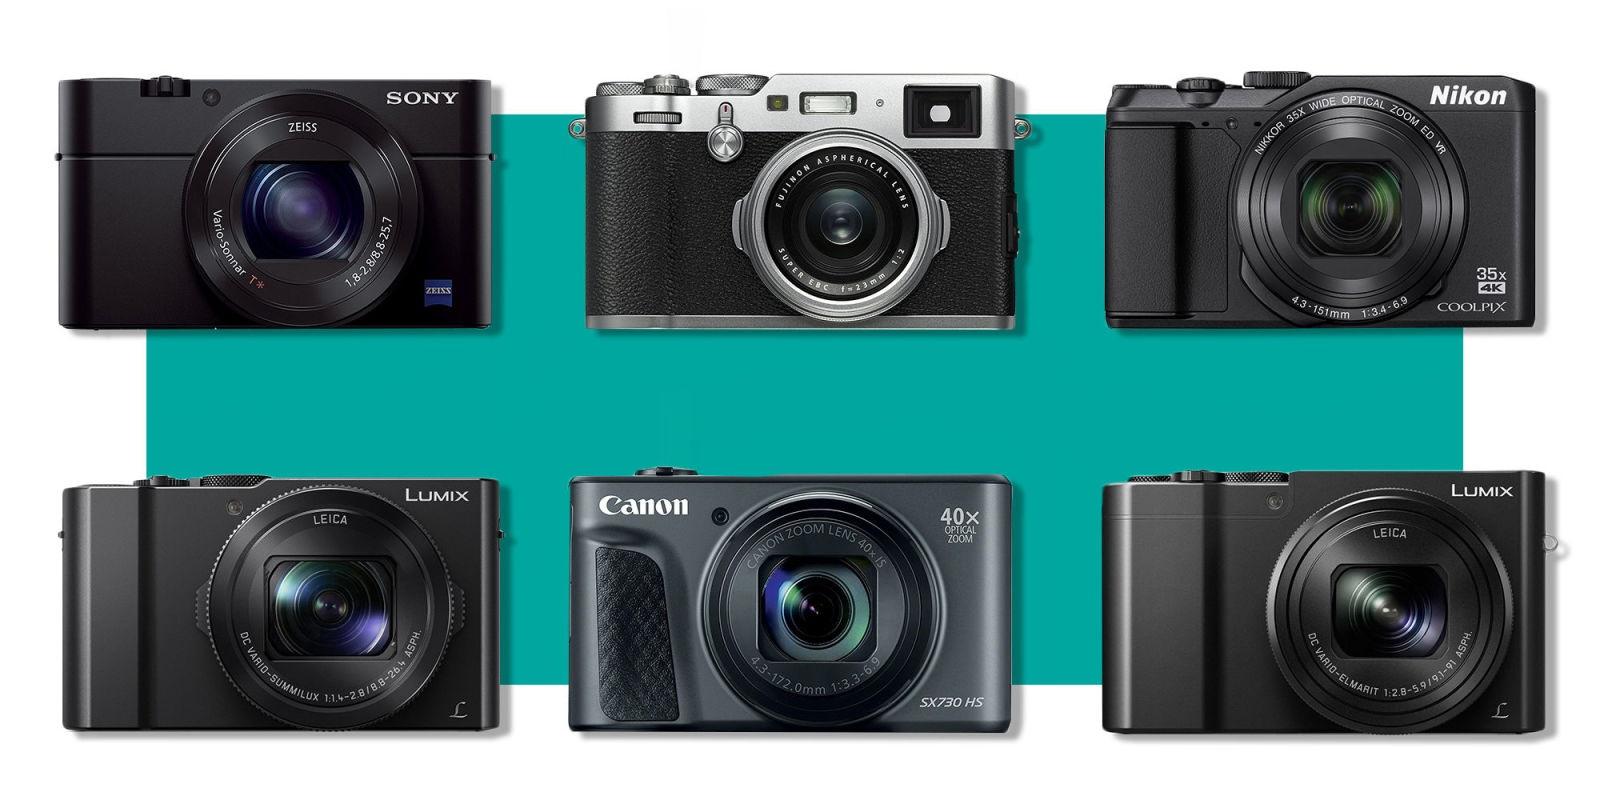 Vybíráme kompaktní fotoaparát